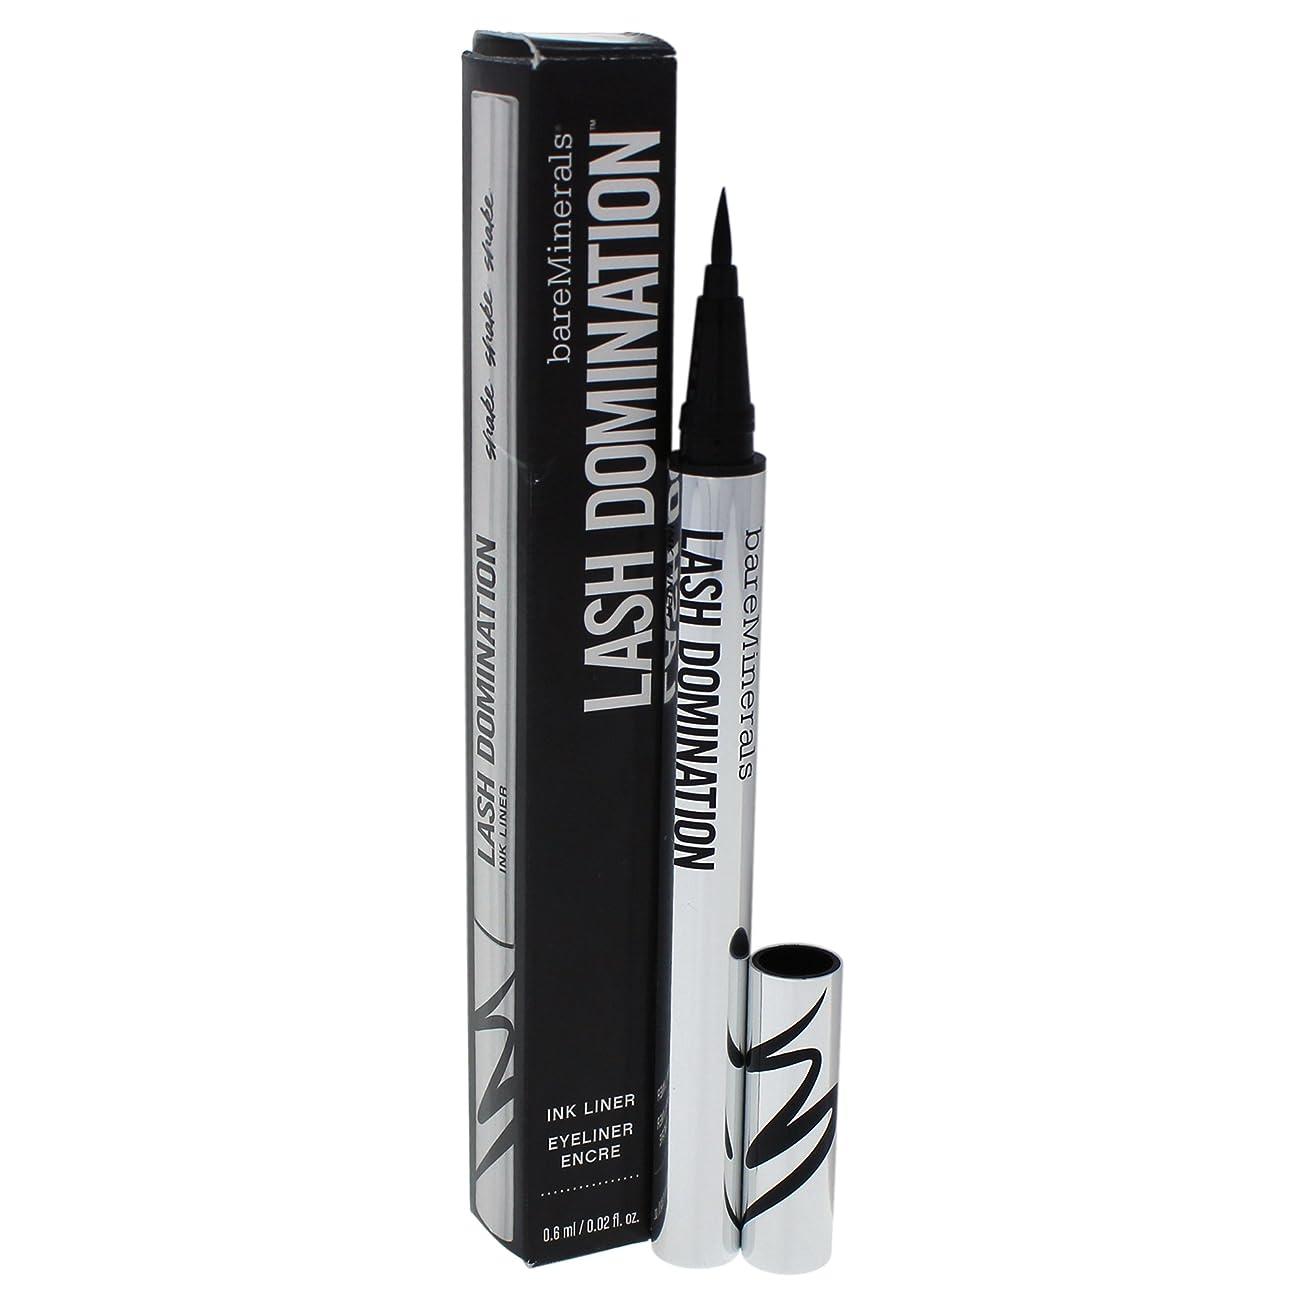 庭園うがい薬資産ベアミネラル BareMinerals Lash Domination Ink Liner - Intense Black 0.6ml/0.02oz並行輸入品